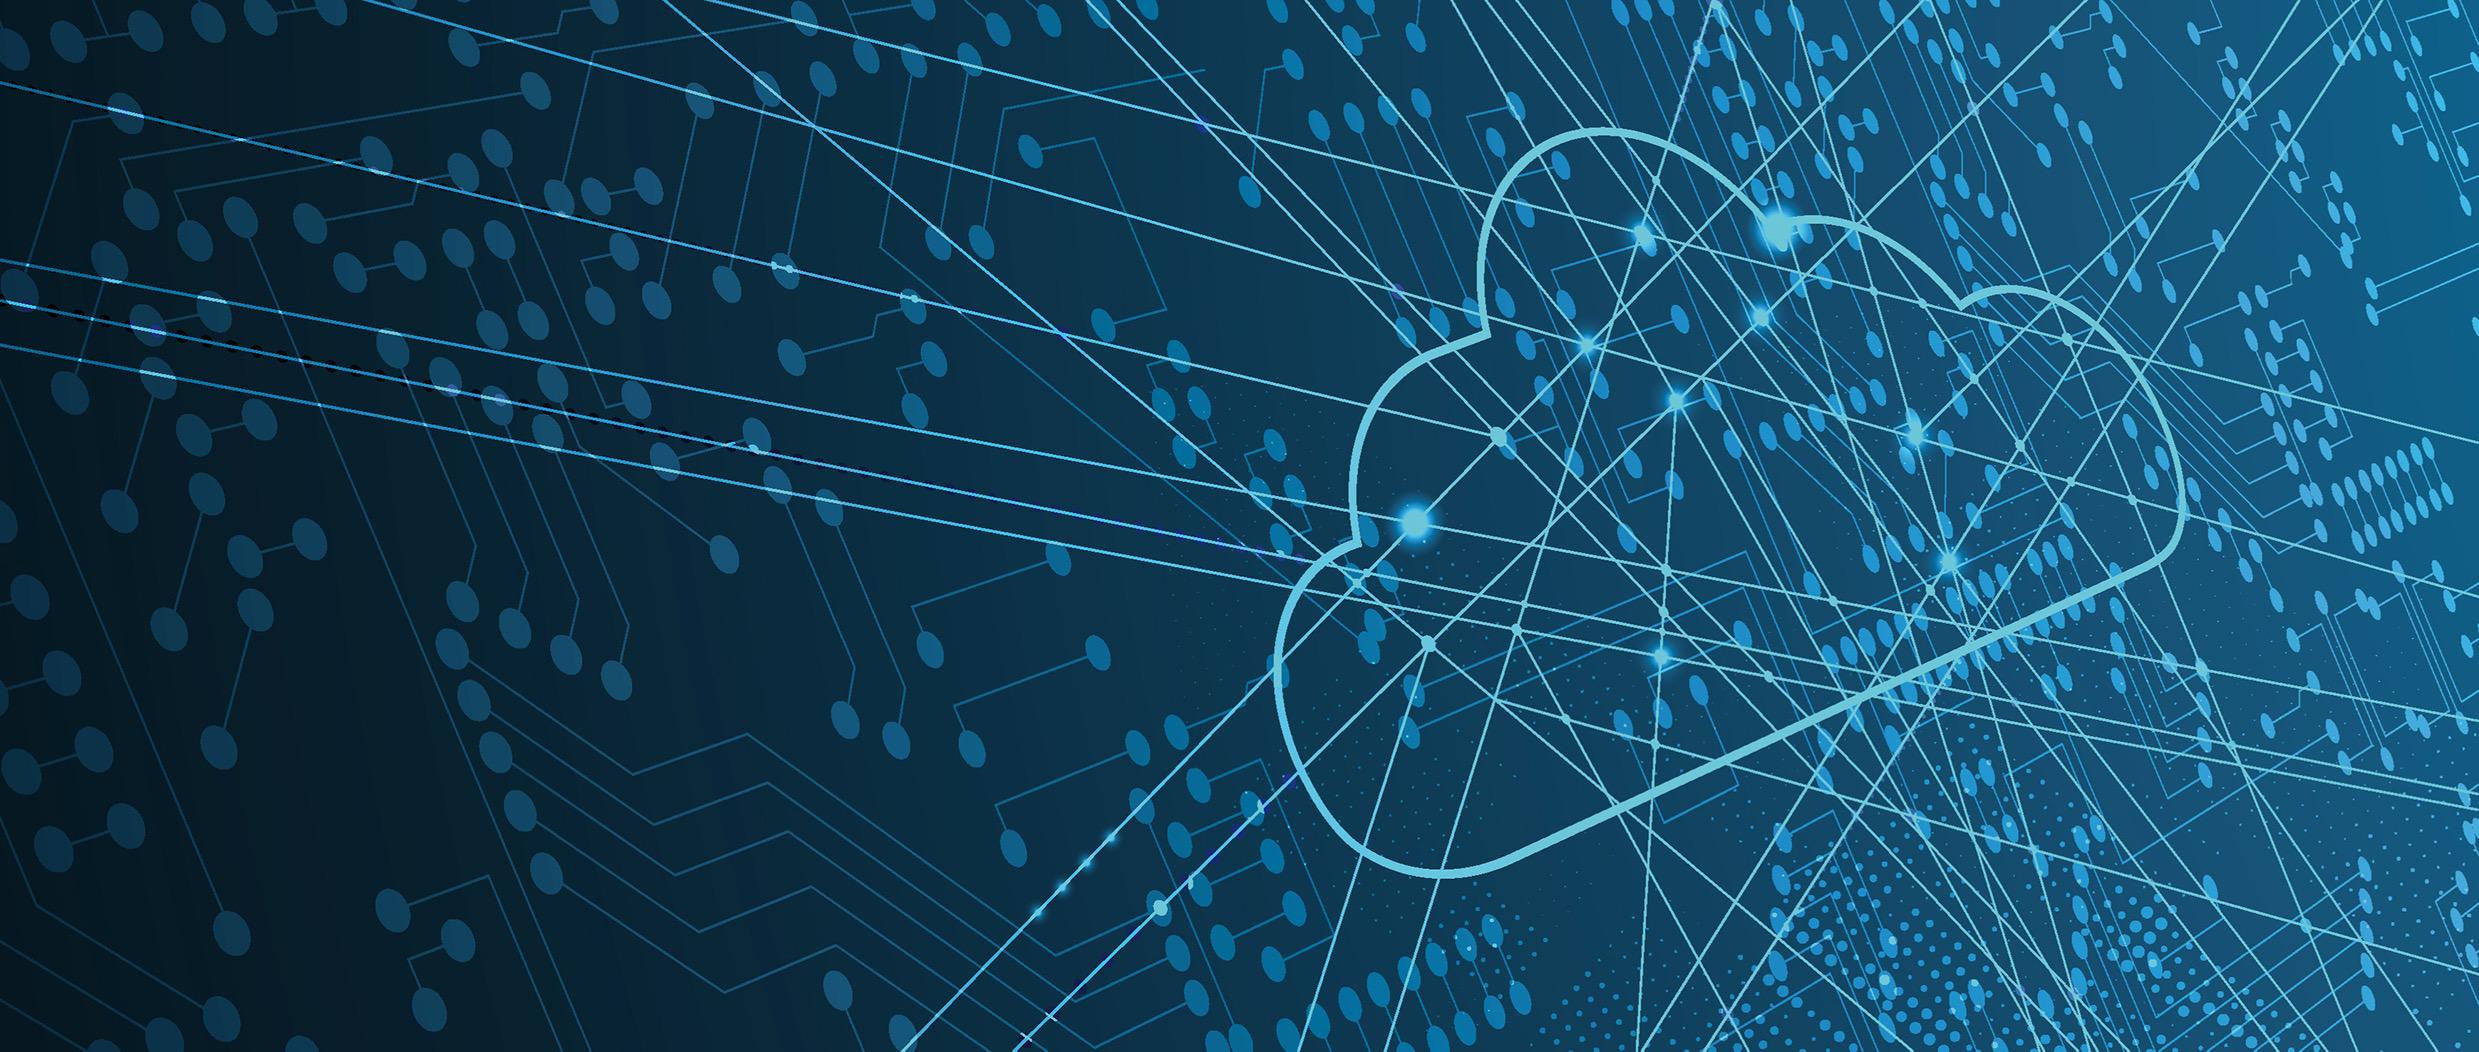 Für die volle Cloud-Kontrolle: CARMAO bietet einzigartige Ausbildung zum Lead Cloud Security Manager